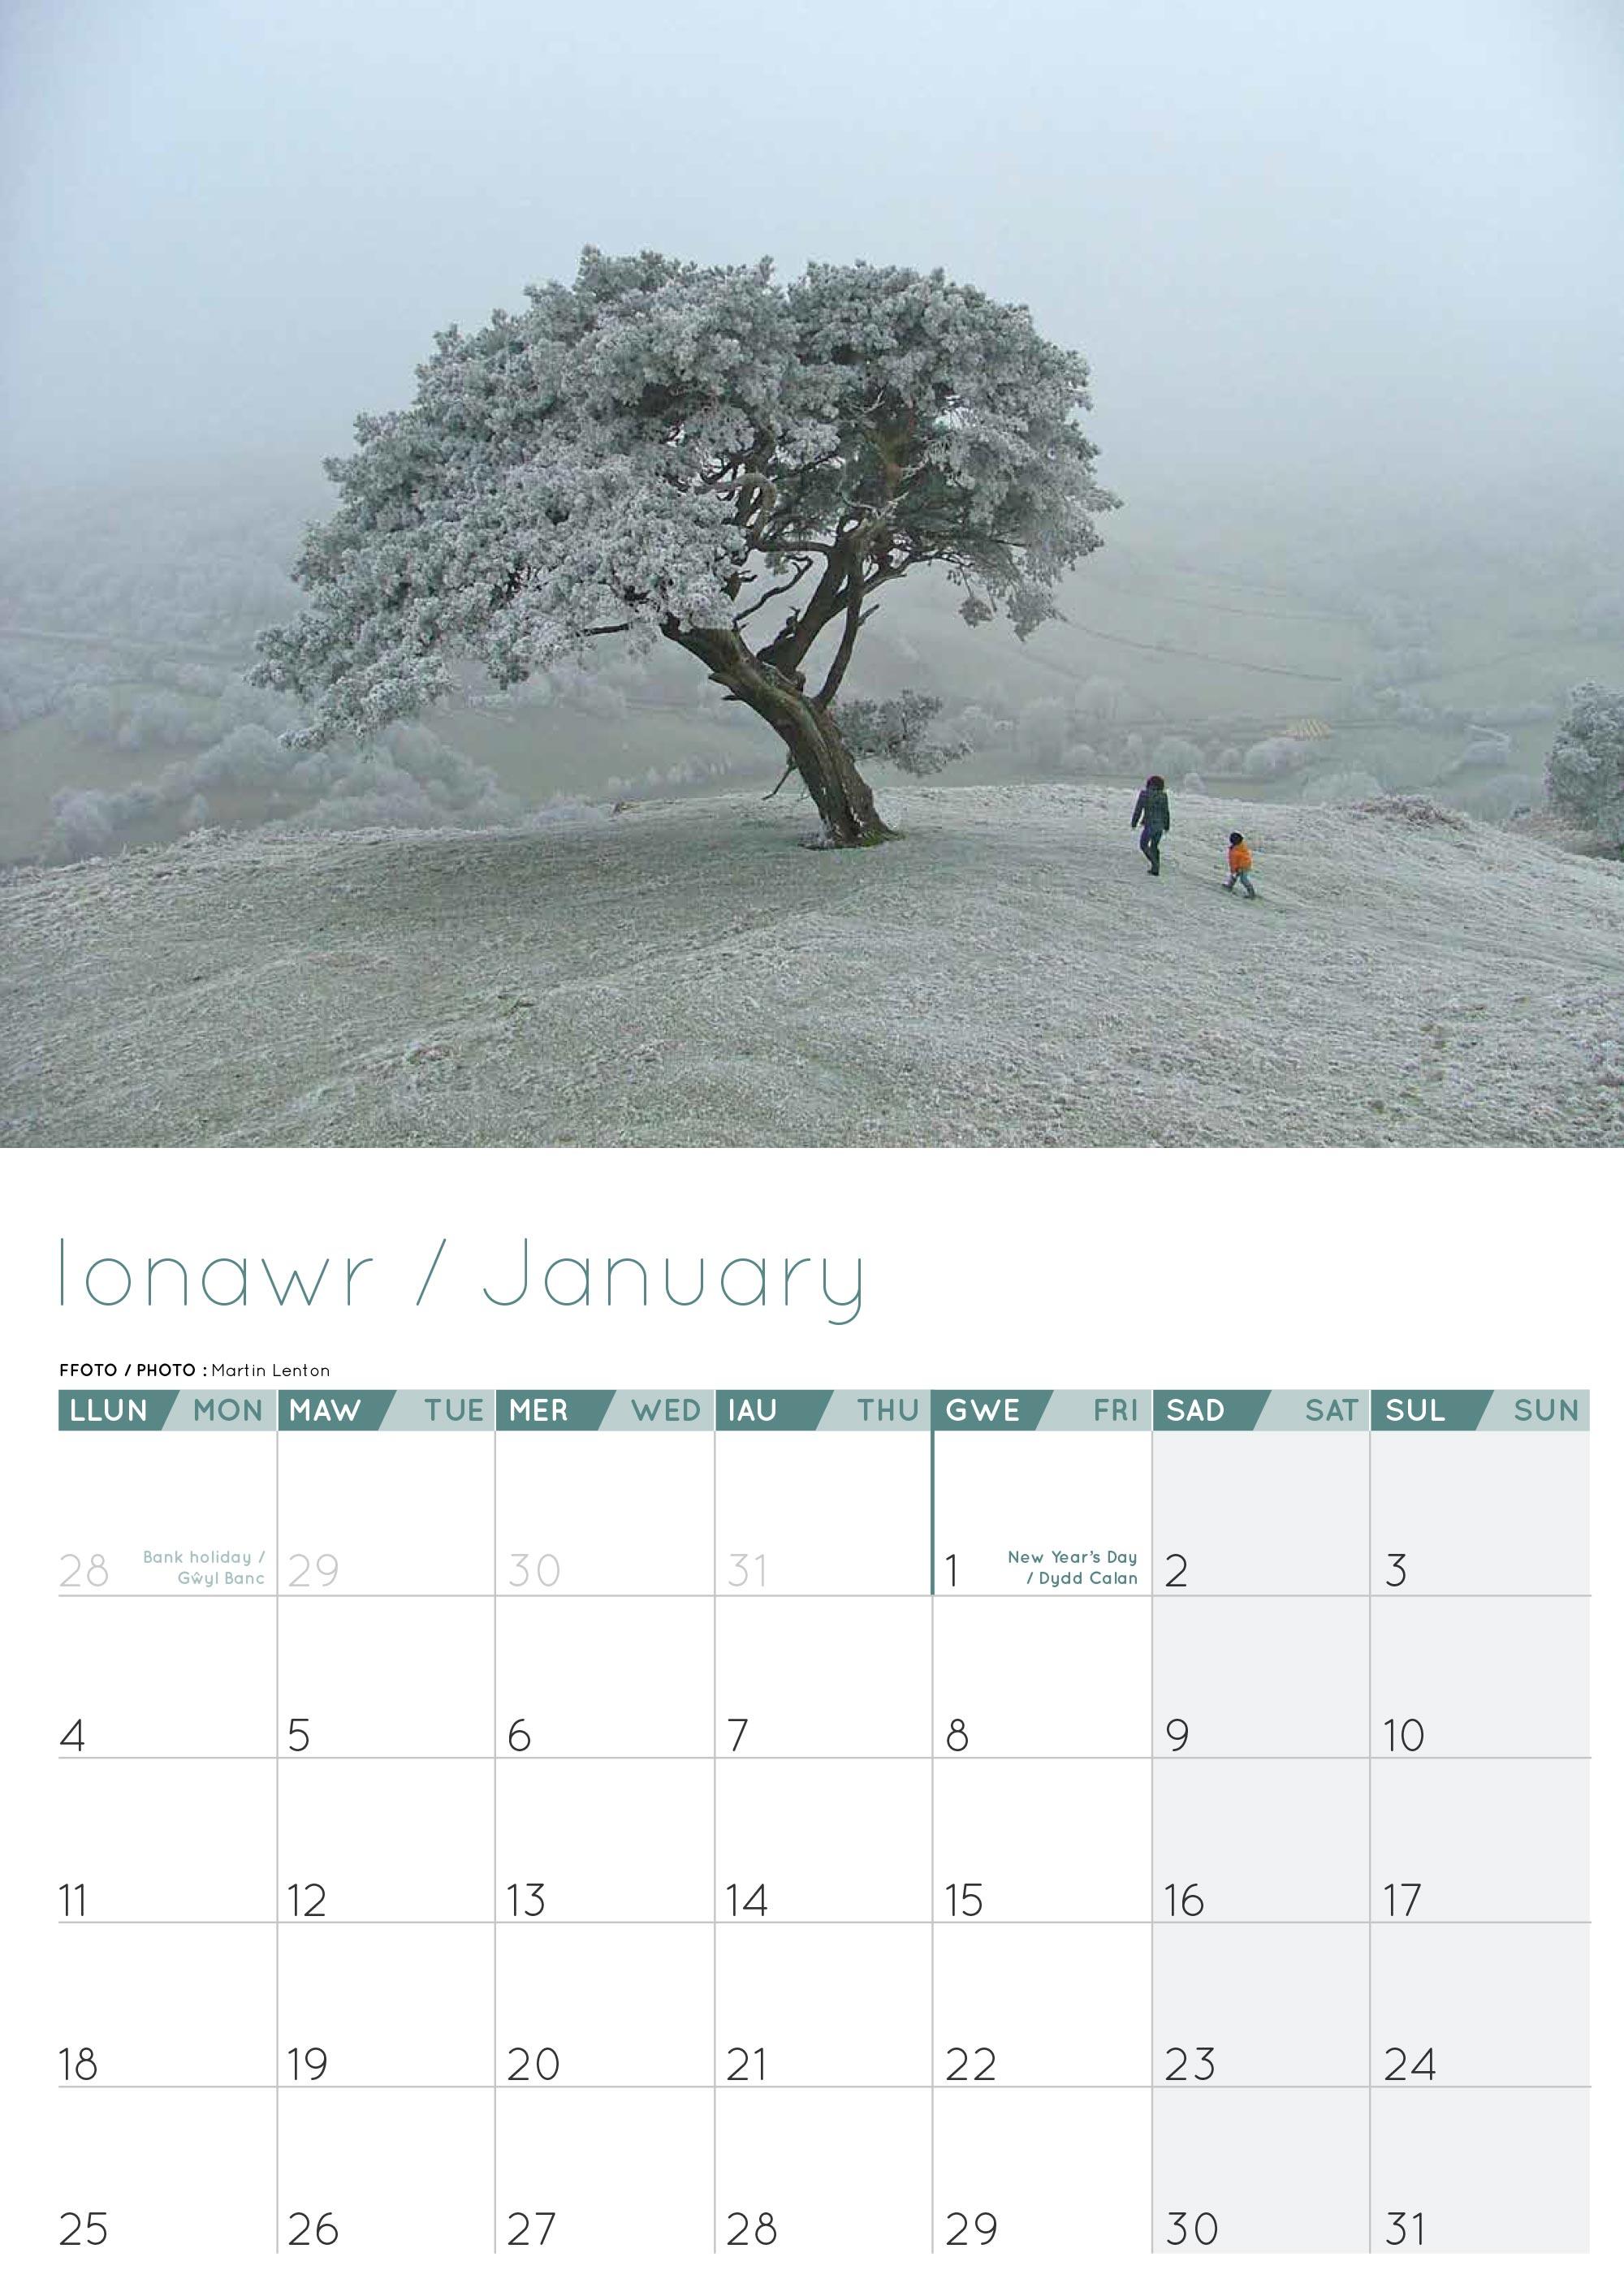 LT-calendar-2016-JAN-spread